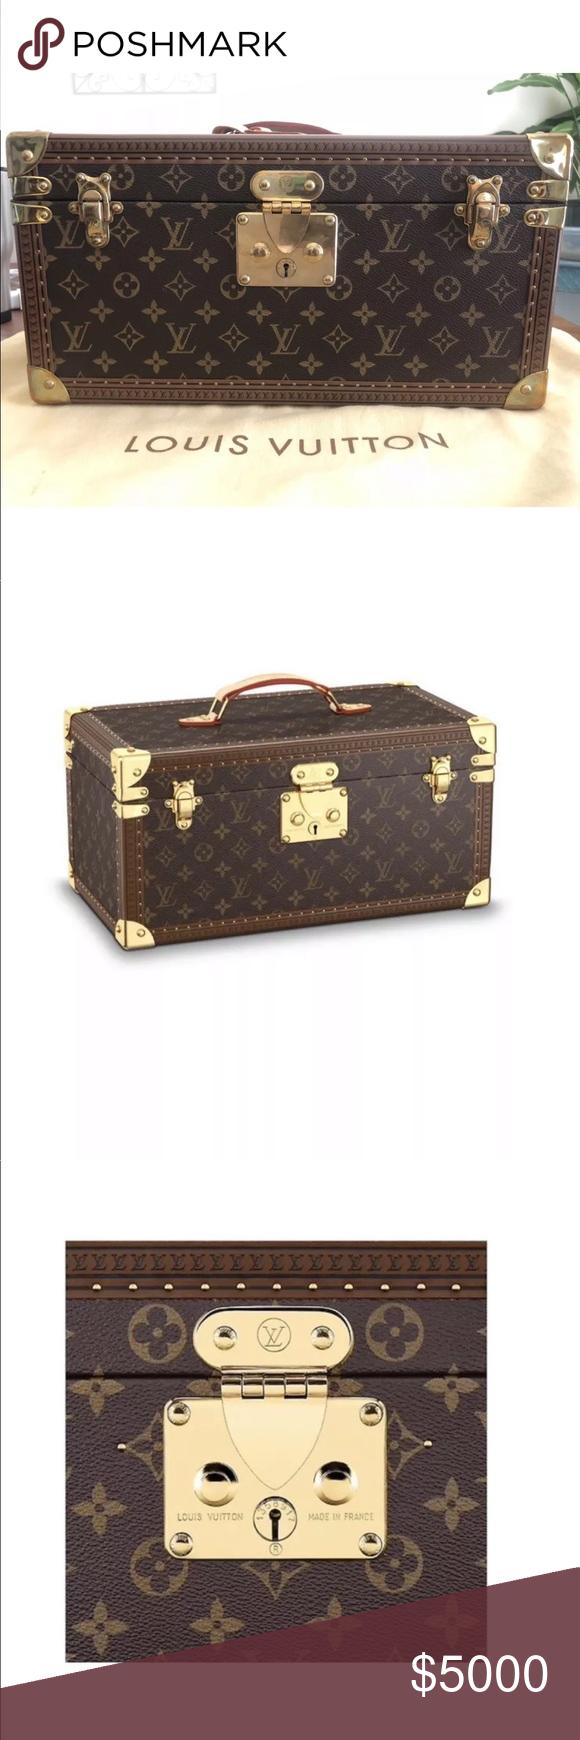 39852d18ca6a Louis Vuitton boite travel case cosmetic train new Louis Vuitton BOITE  BOUTEILLES ET GLACE Cosmetic Case Travel Box Luggage This case in Monogram  canvas ...